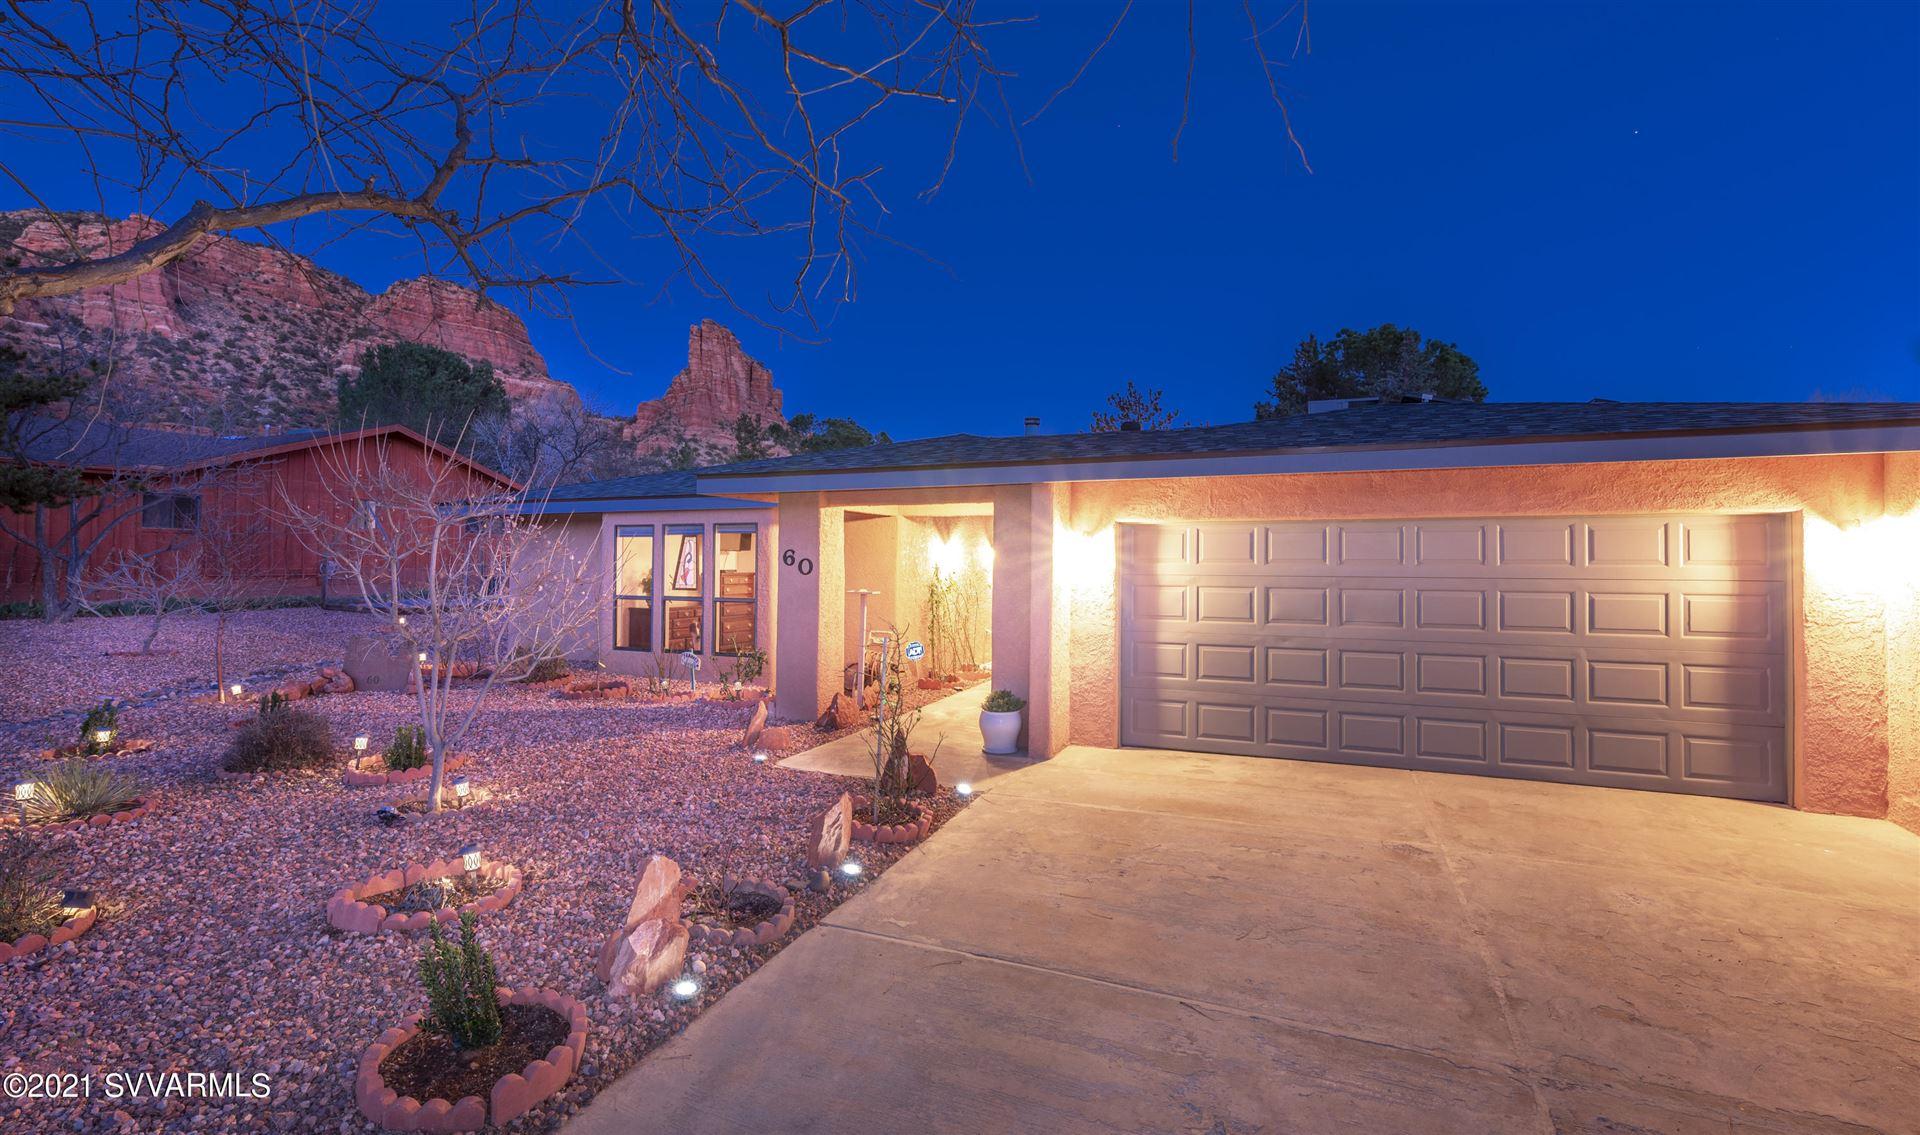 Photo of 60 Canyon Tr, Sedona, AZ 86351 (MLS # 527133)